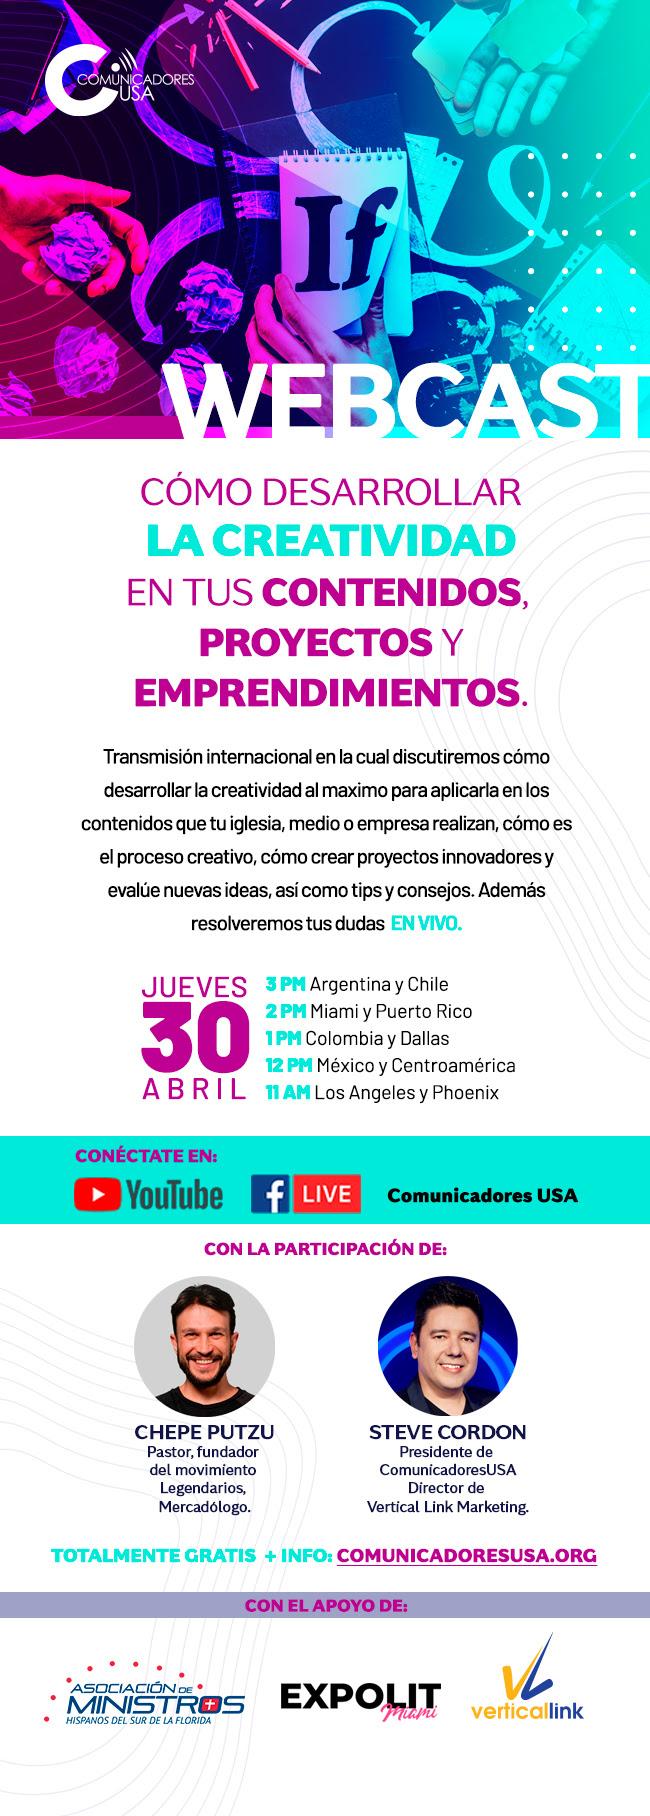 https://campaign-image.com/zohocampaigns/438490000002406003_cómo_desarrollar_la_creatividad_email.jpg